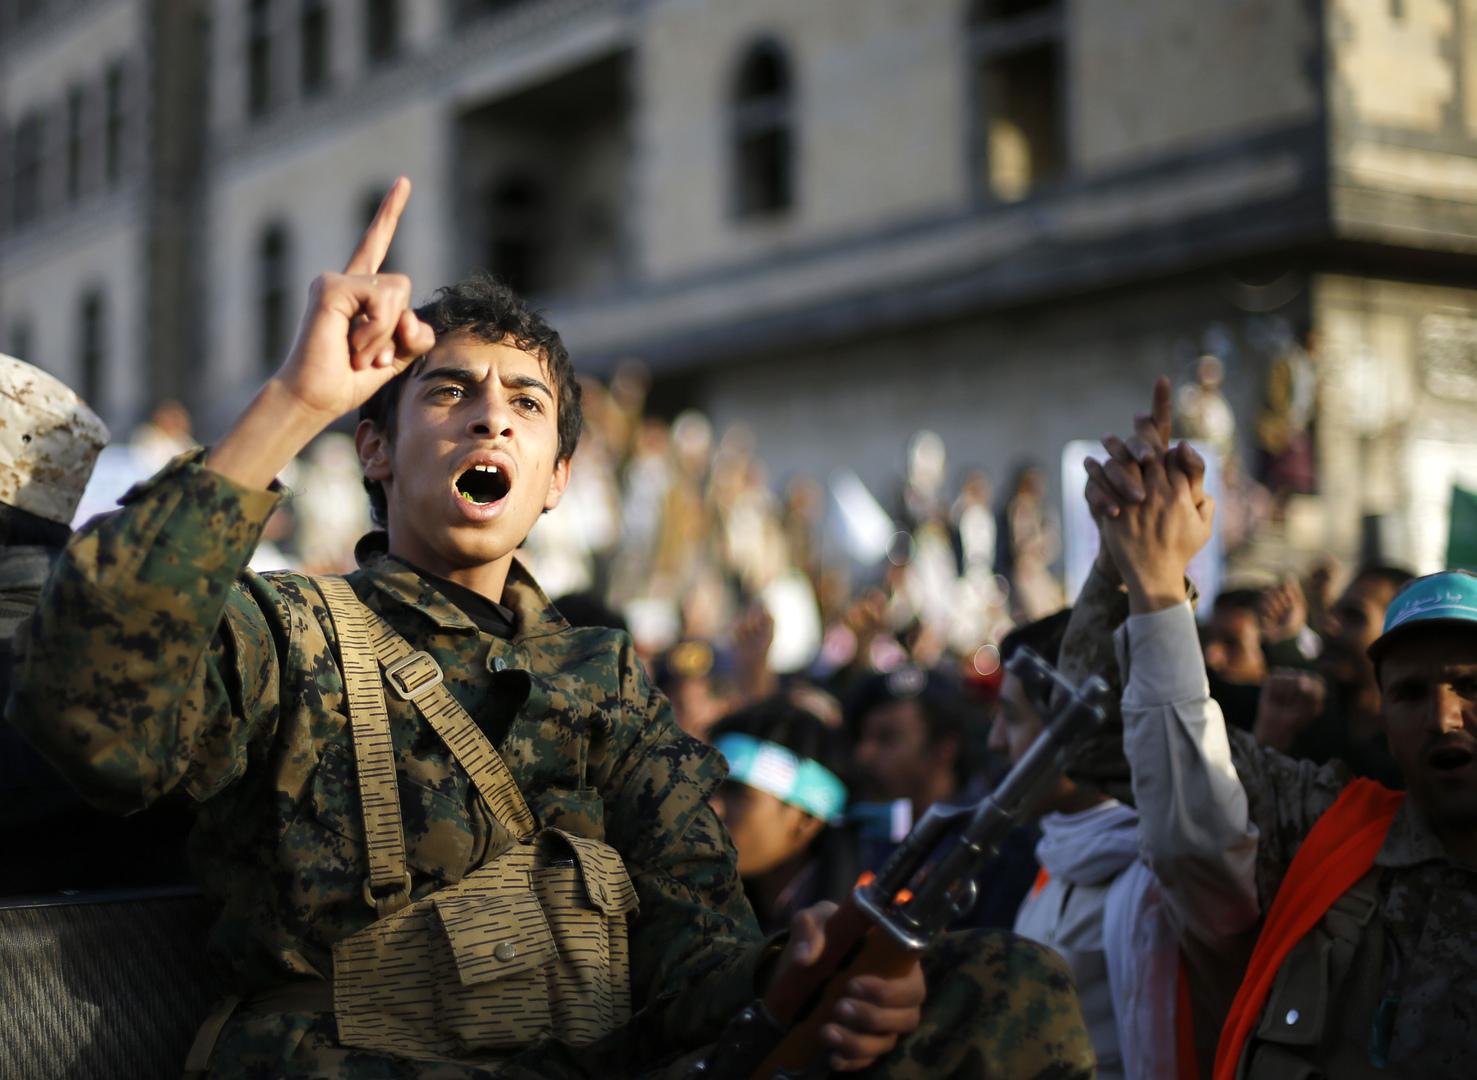 الحوثيون: مجلس الأمن يتحمل المسؤولية الكاملة عما آلت إليه الأمور في اليمن